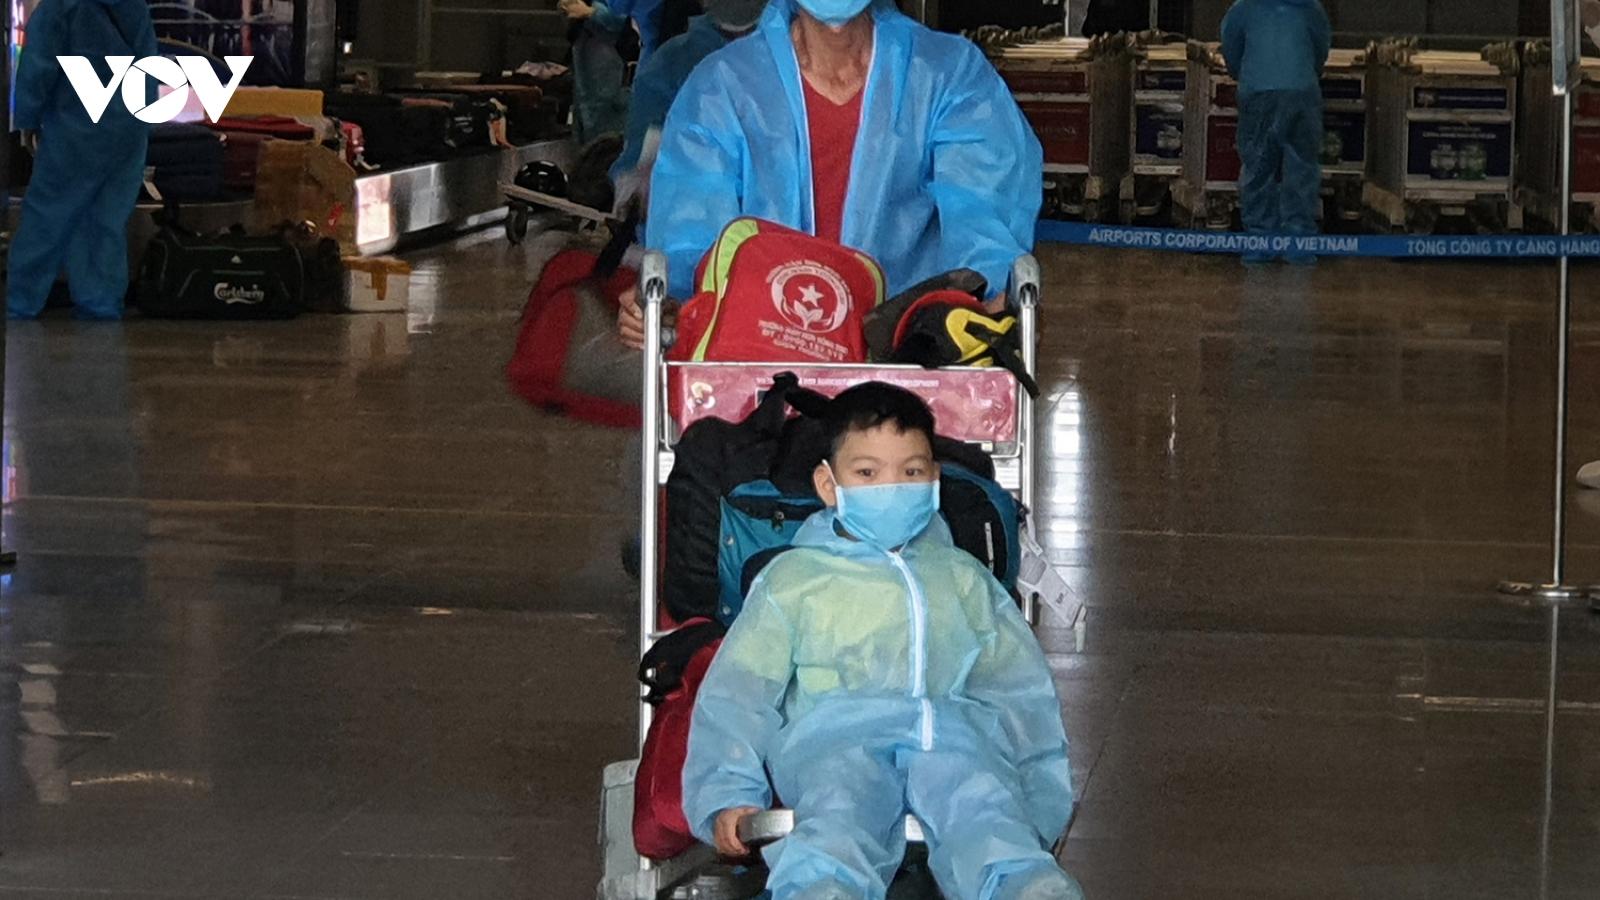 Cận cảnh chuyến bay đầu tiên đưa người dânĐà Nẵng trở về từ vùng dịch TP.HCM